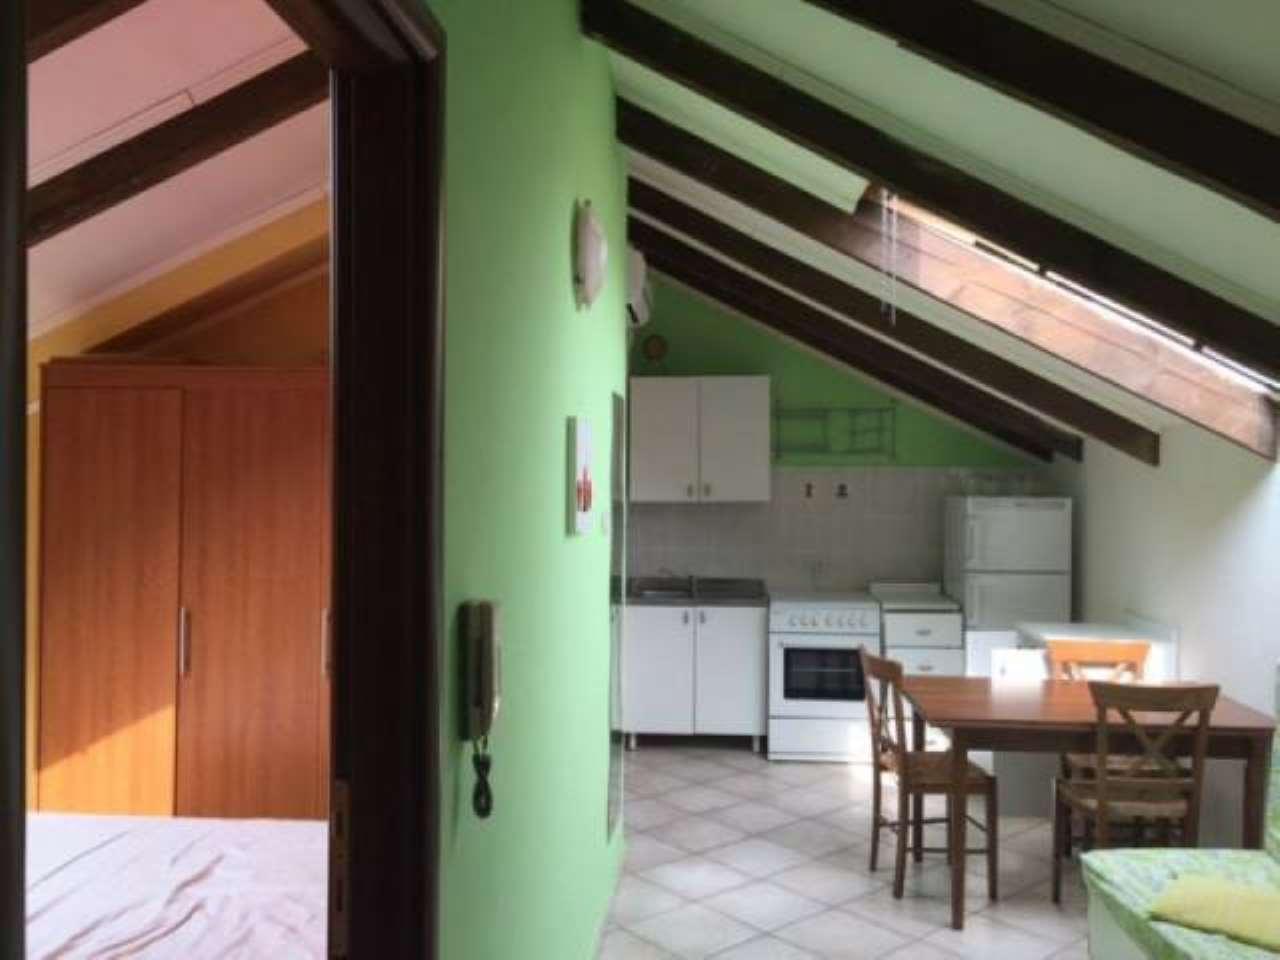 Appartamento in vendita a Alessandria, 1 locali, prezzo € 32.000 | CambioCasa.it